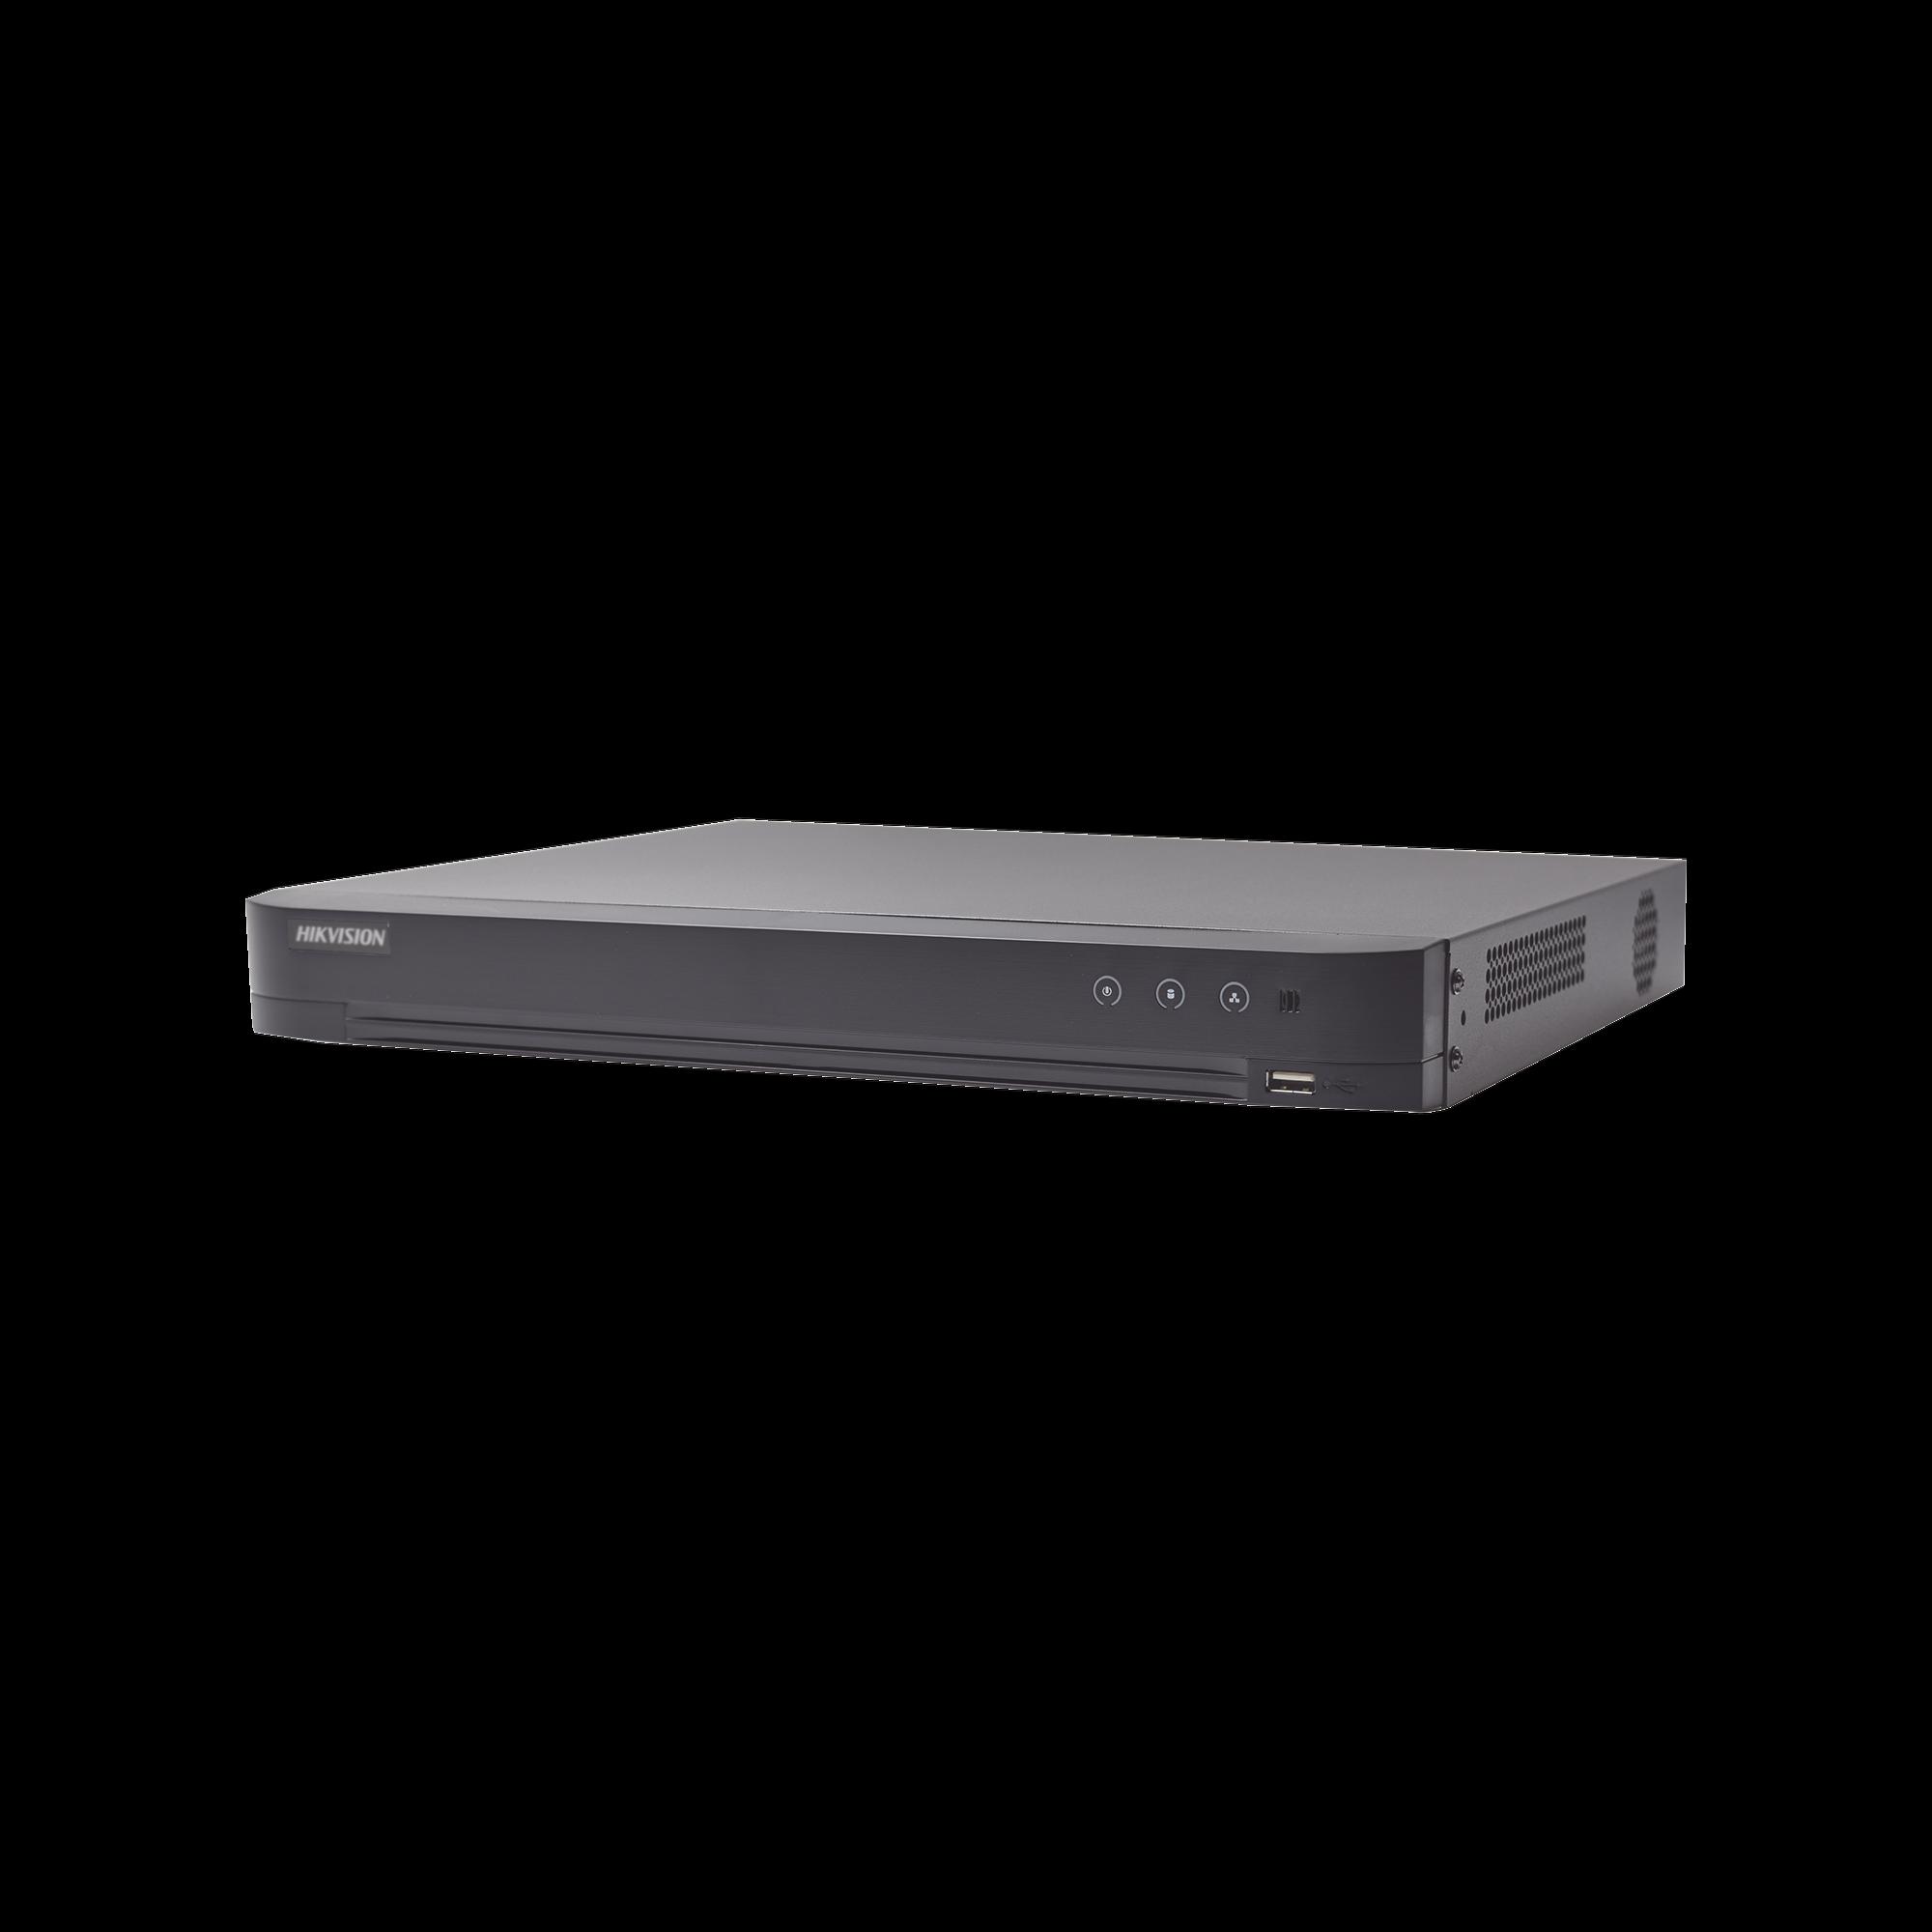 DVR 4 Megapixel / 16 Canales TURBOHD + 8 Canales IP / Detección de Rostros / 1 Bahía de Disco Duro / 16 Canales de Audio / Salida de Vídeo en 4K